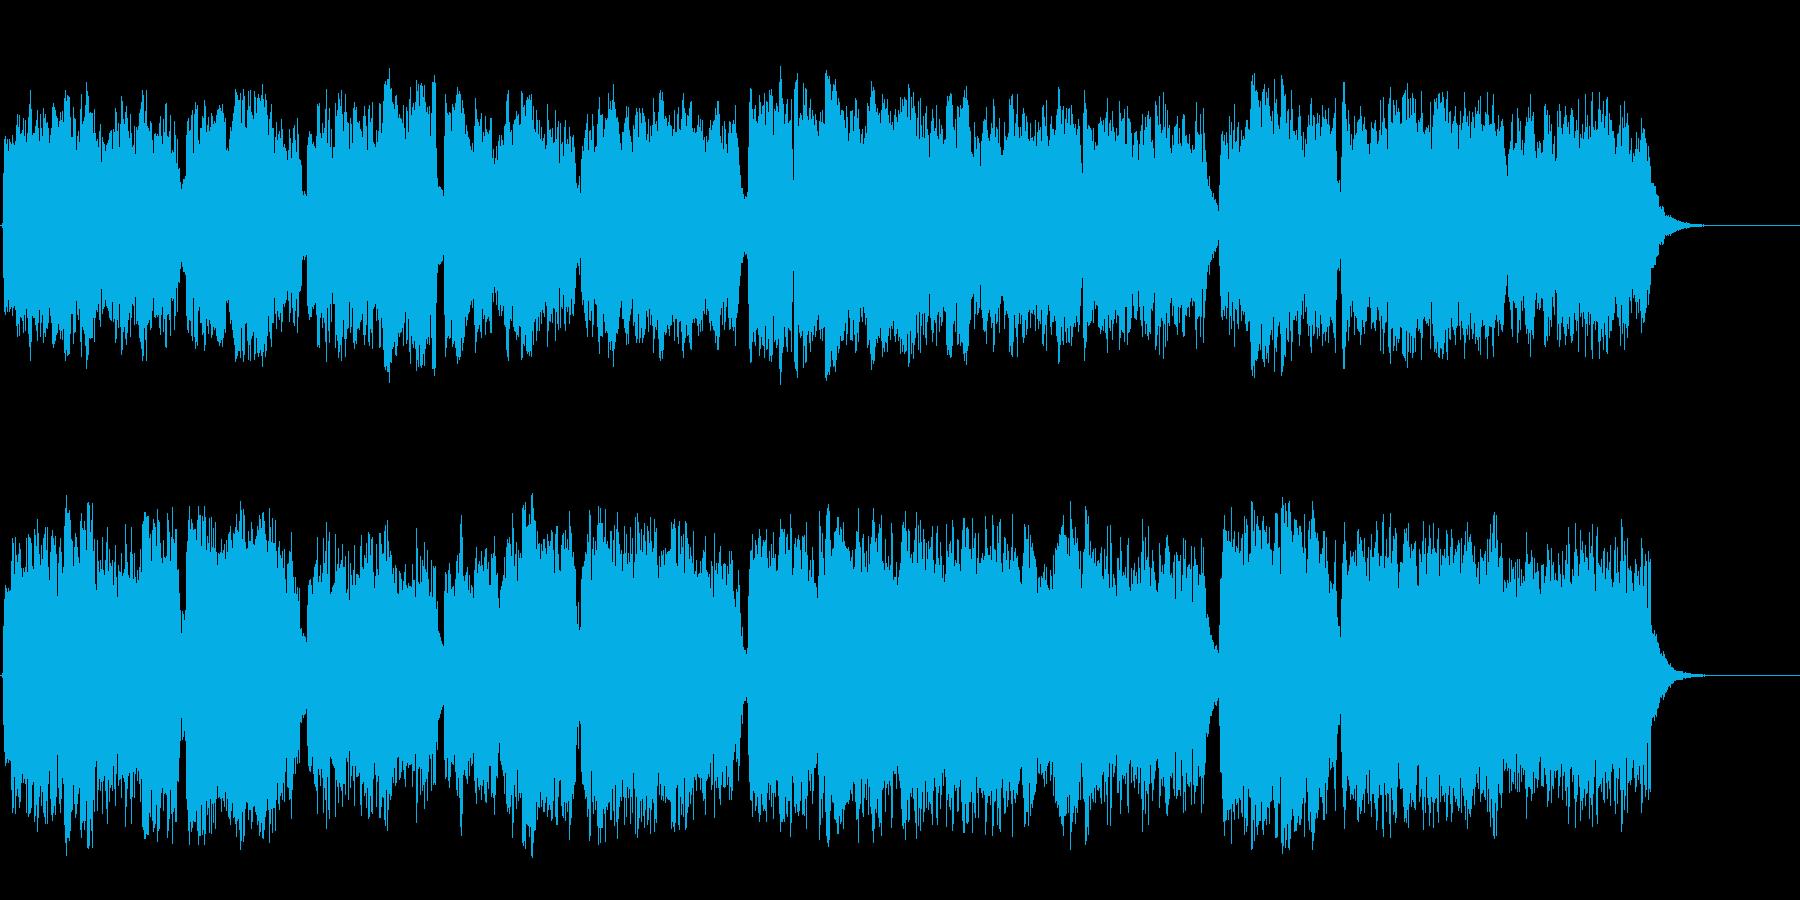 オルガンの音が響く神聖なクラシックの再生済みの波形